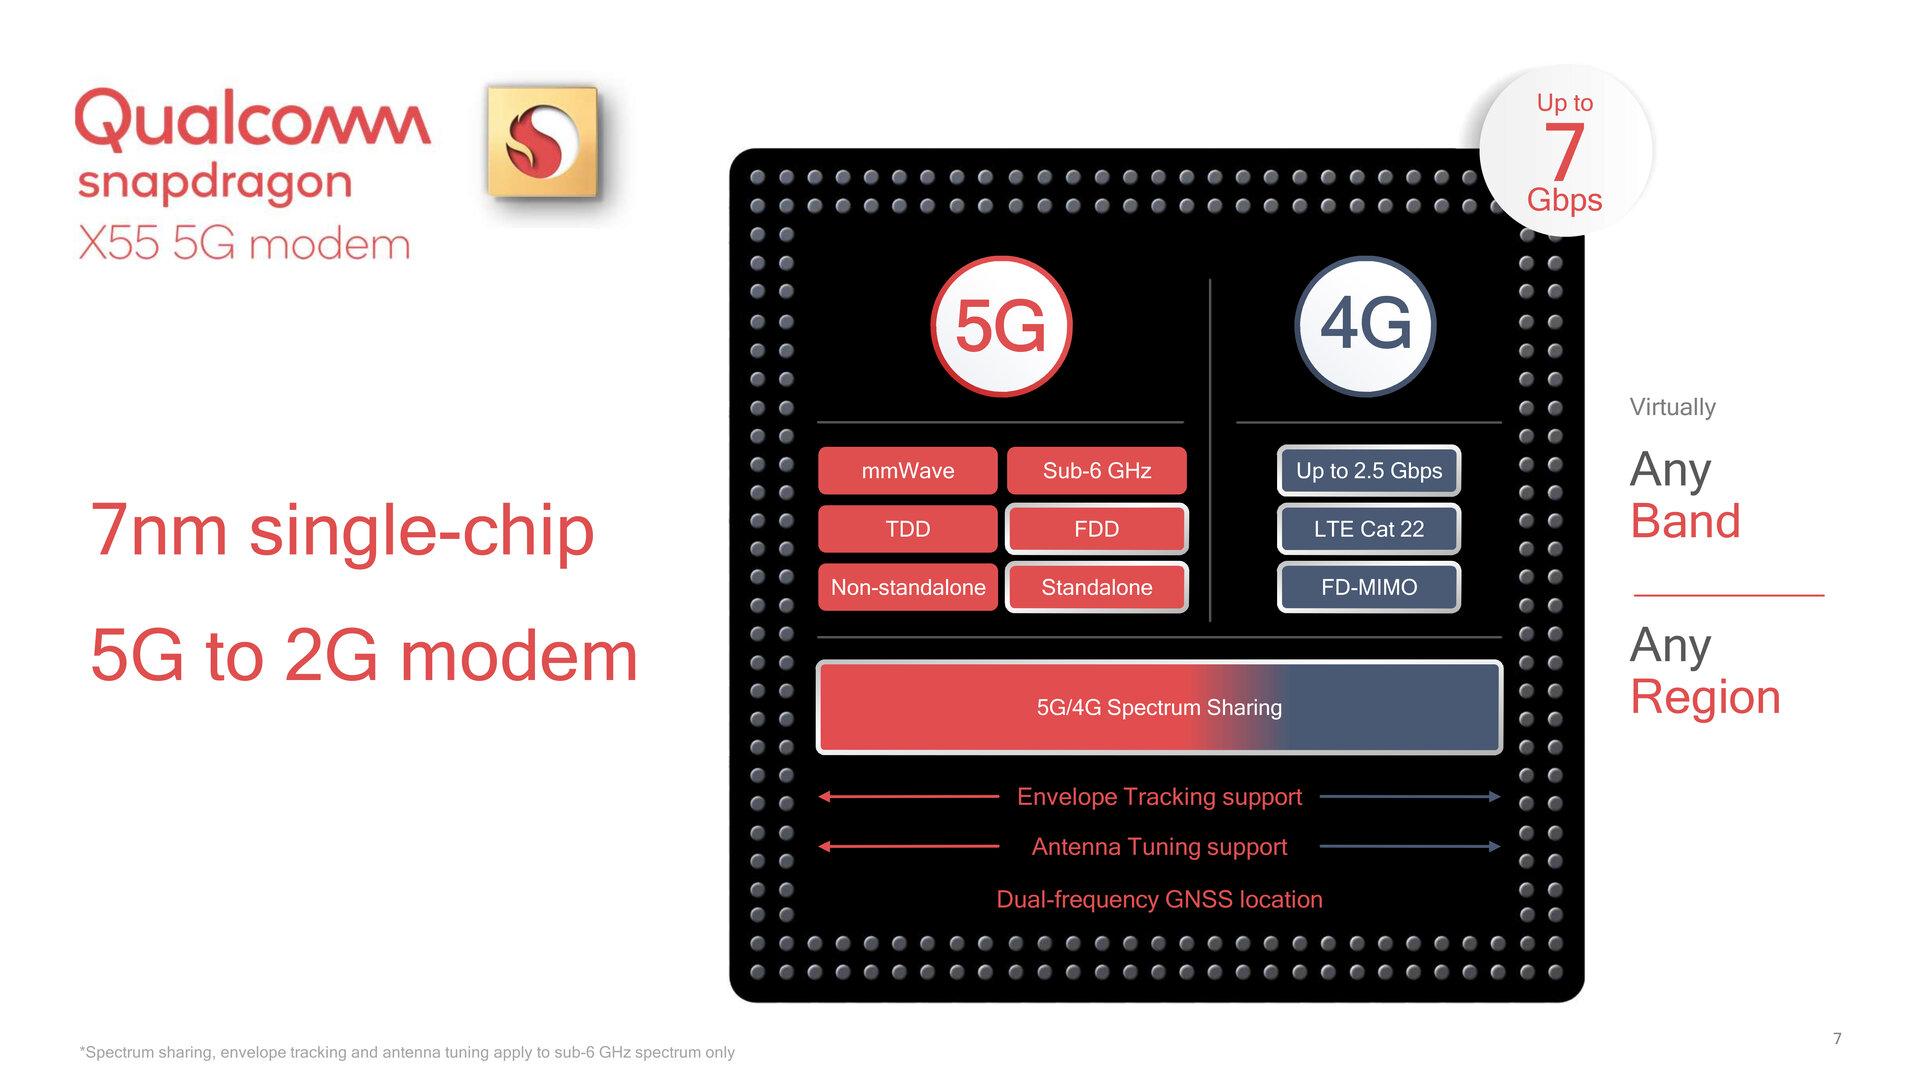 Snapdragon X55 mit Support für 5G, LTE, 3G und 2G